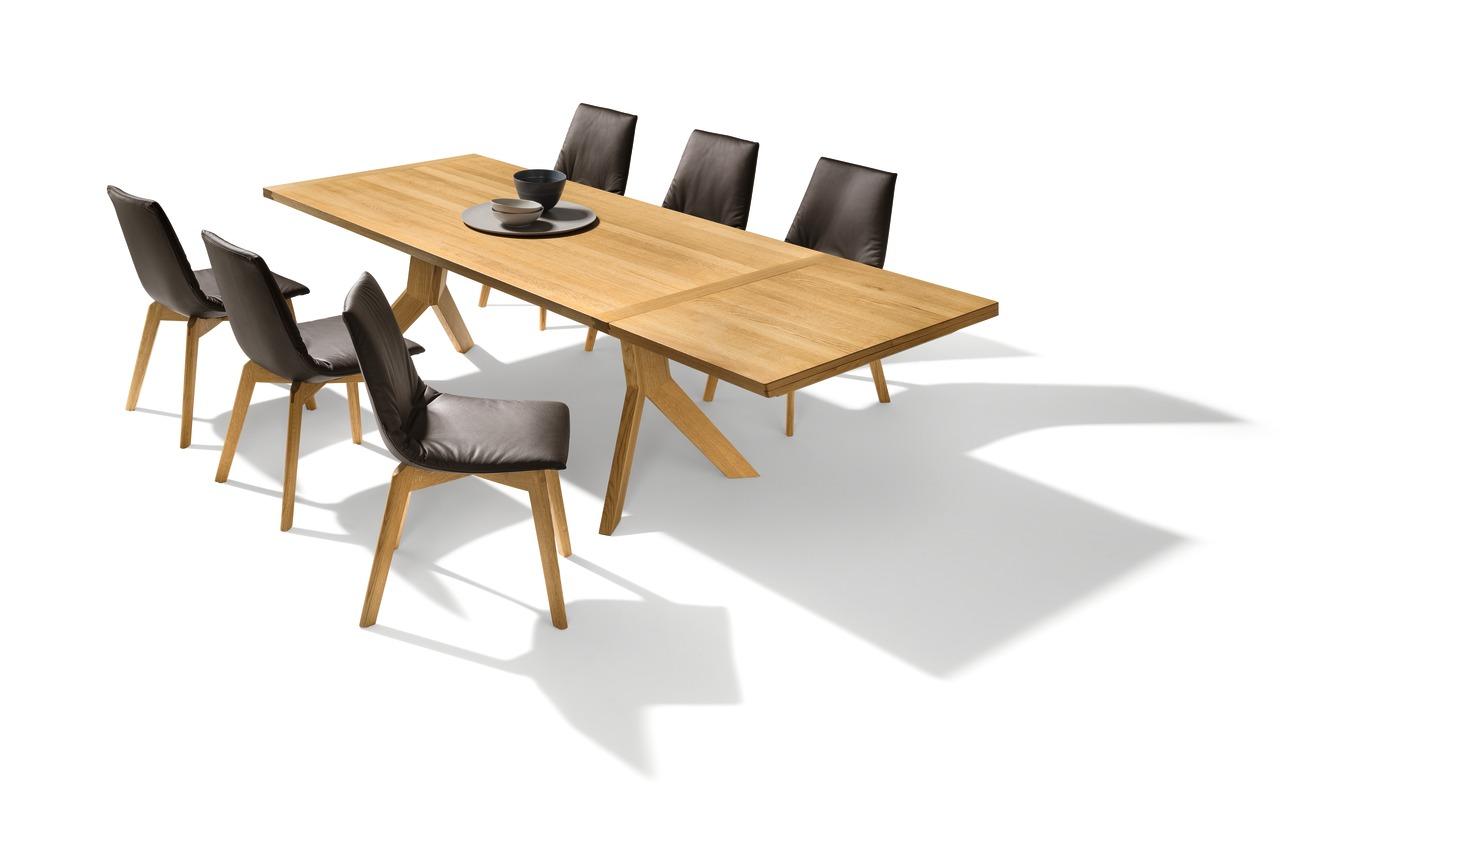 team7 yps tisch ei 04 bodesign m bel qualit t aus kiel. Black Bedroom Furniture Sets. Home Design Ideas